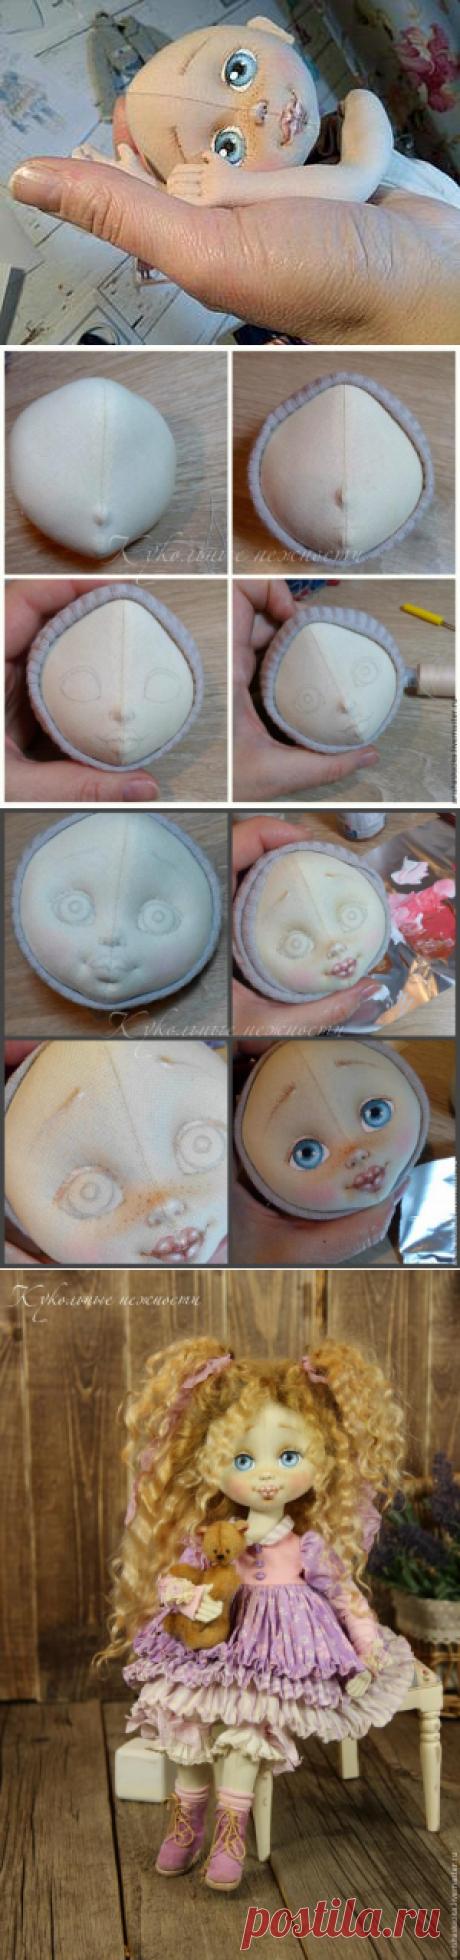 Создание личика текстильной куклы - Ярмарка Мастеров - ручная работа, handmade